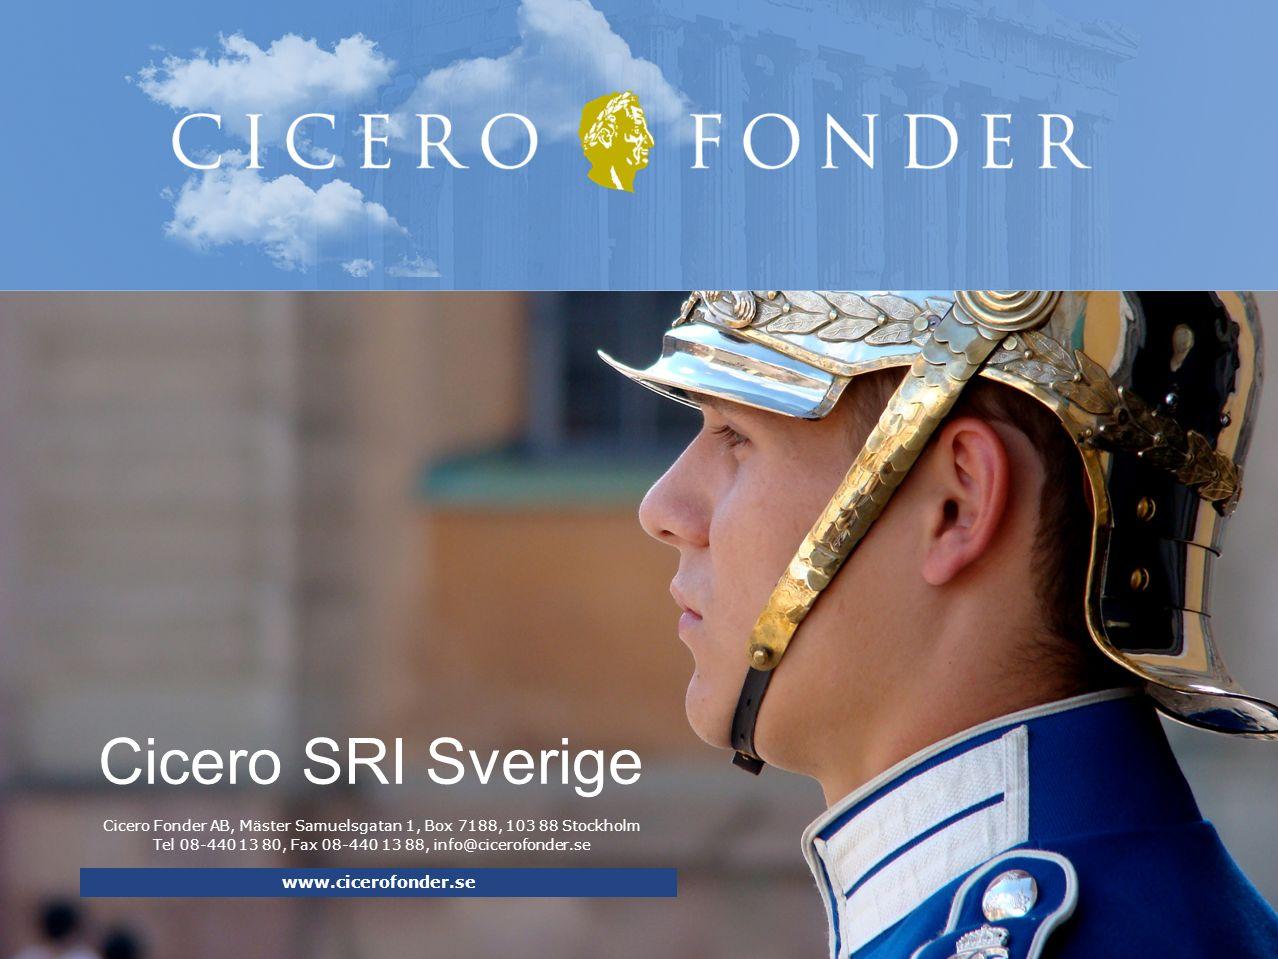 Cicero SRI Sverige www.cicerofonder.se